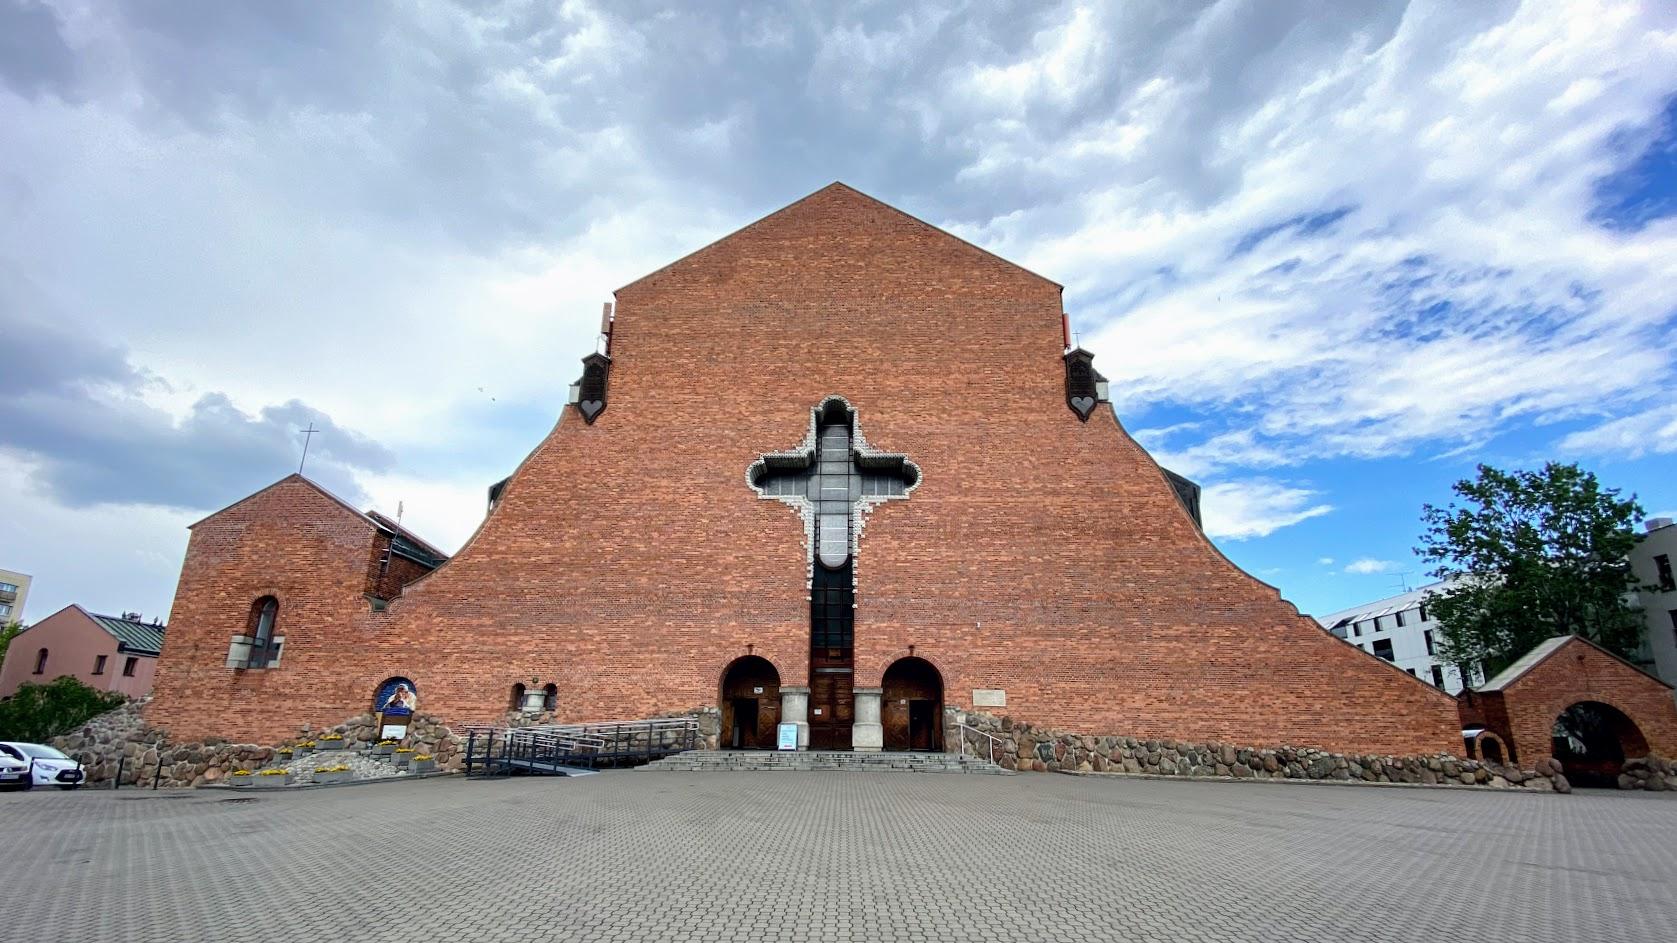 Parafia Wniebowstąpienia Pańskiego